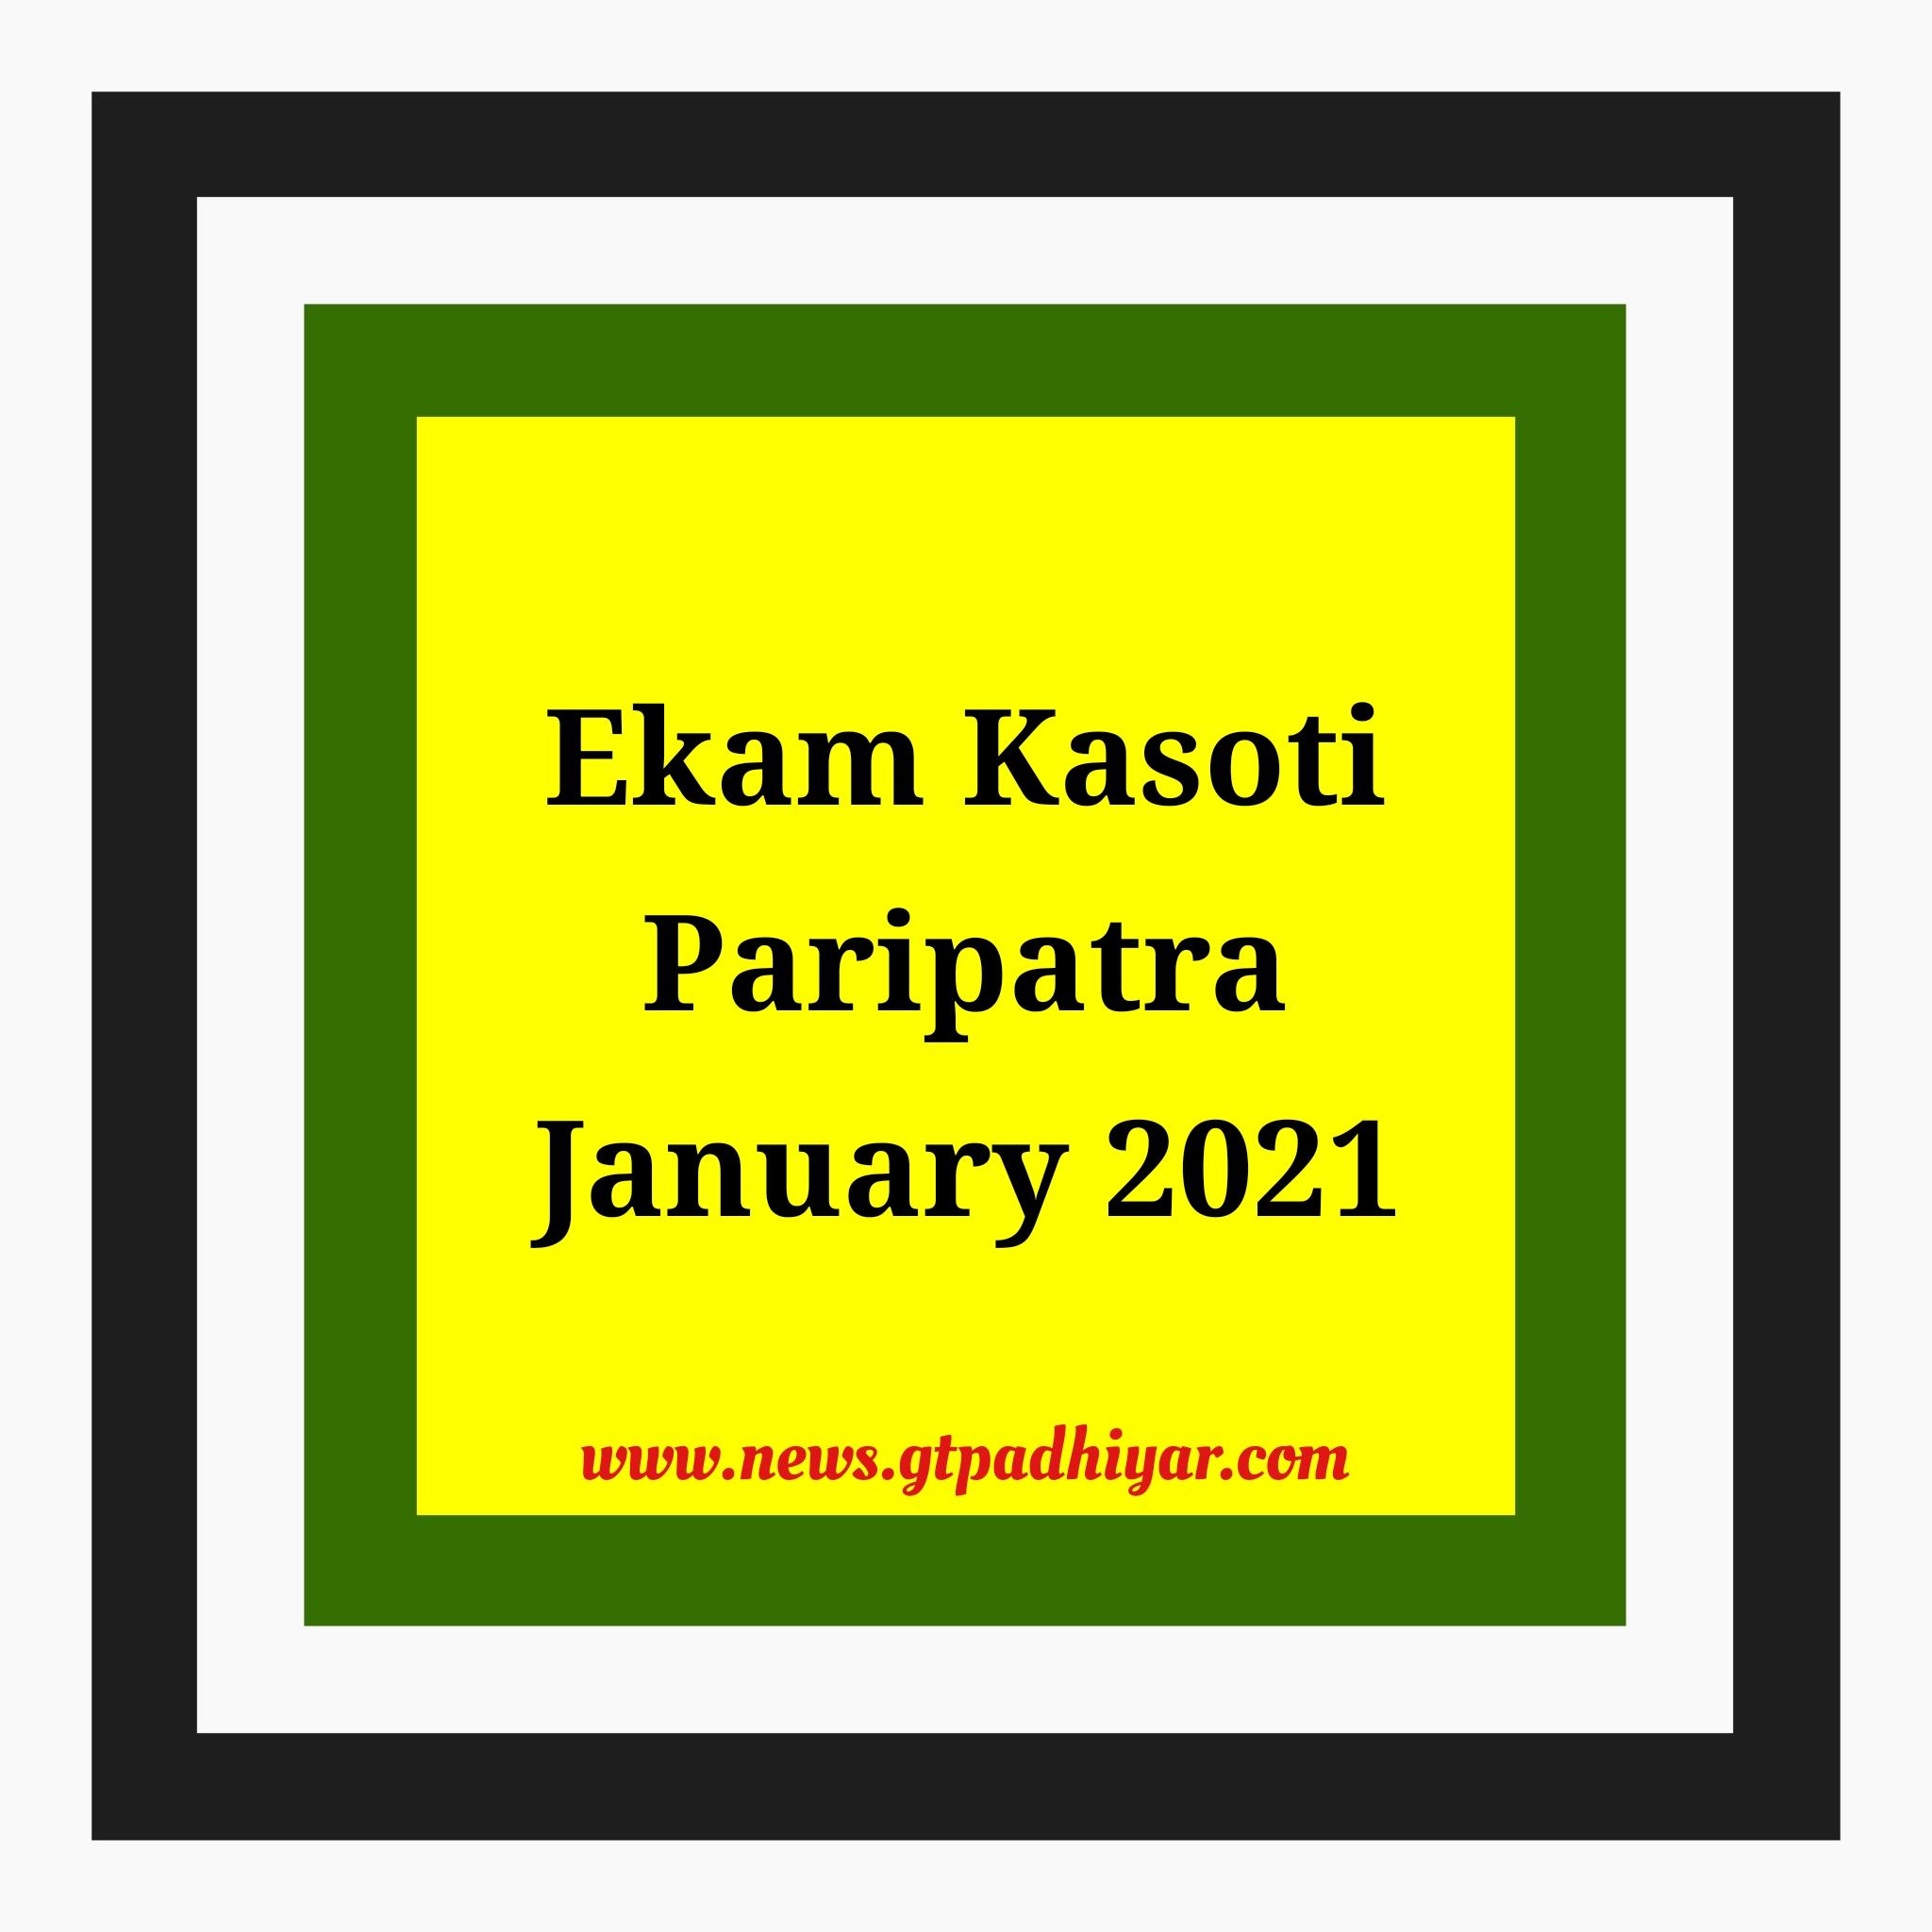 Ekam Kasoti Paripatra January 2021